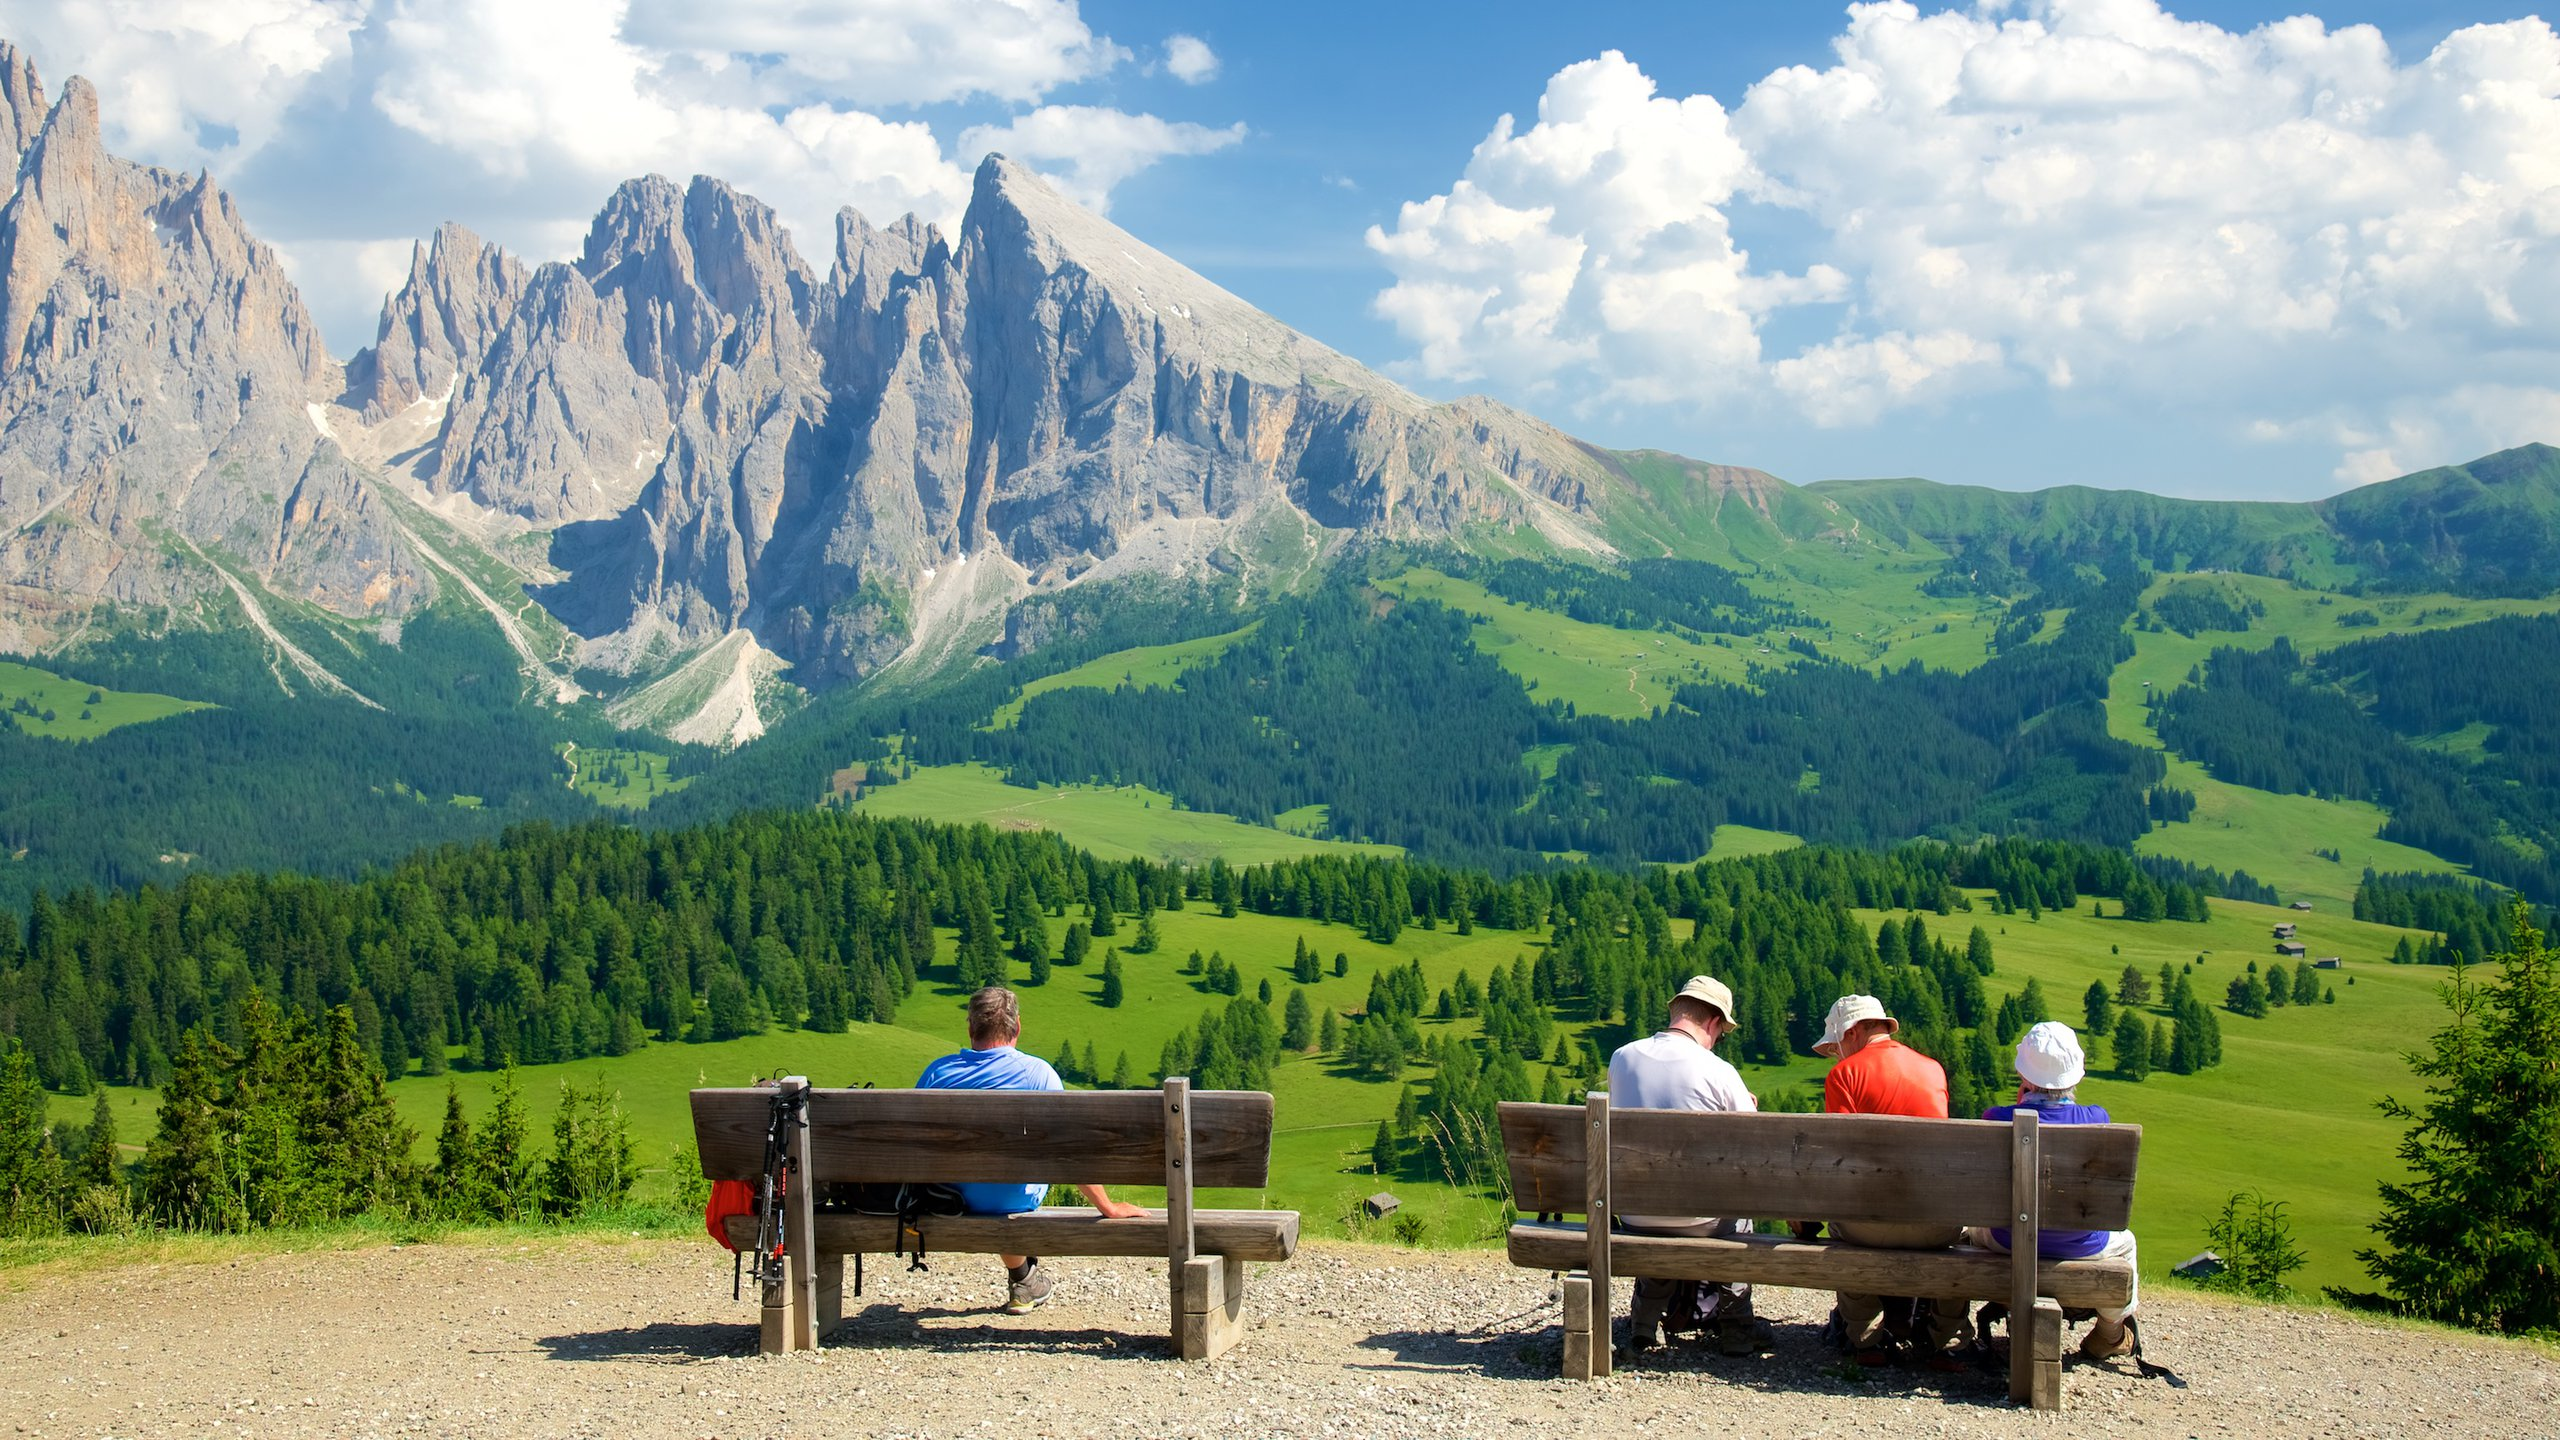 Alpe di Siusi, Trentino-Alto Adige, Italy